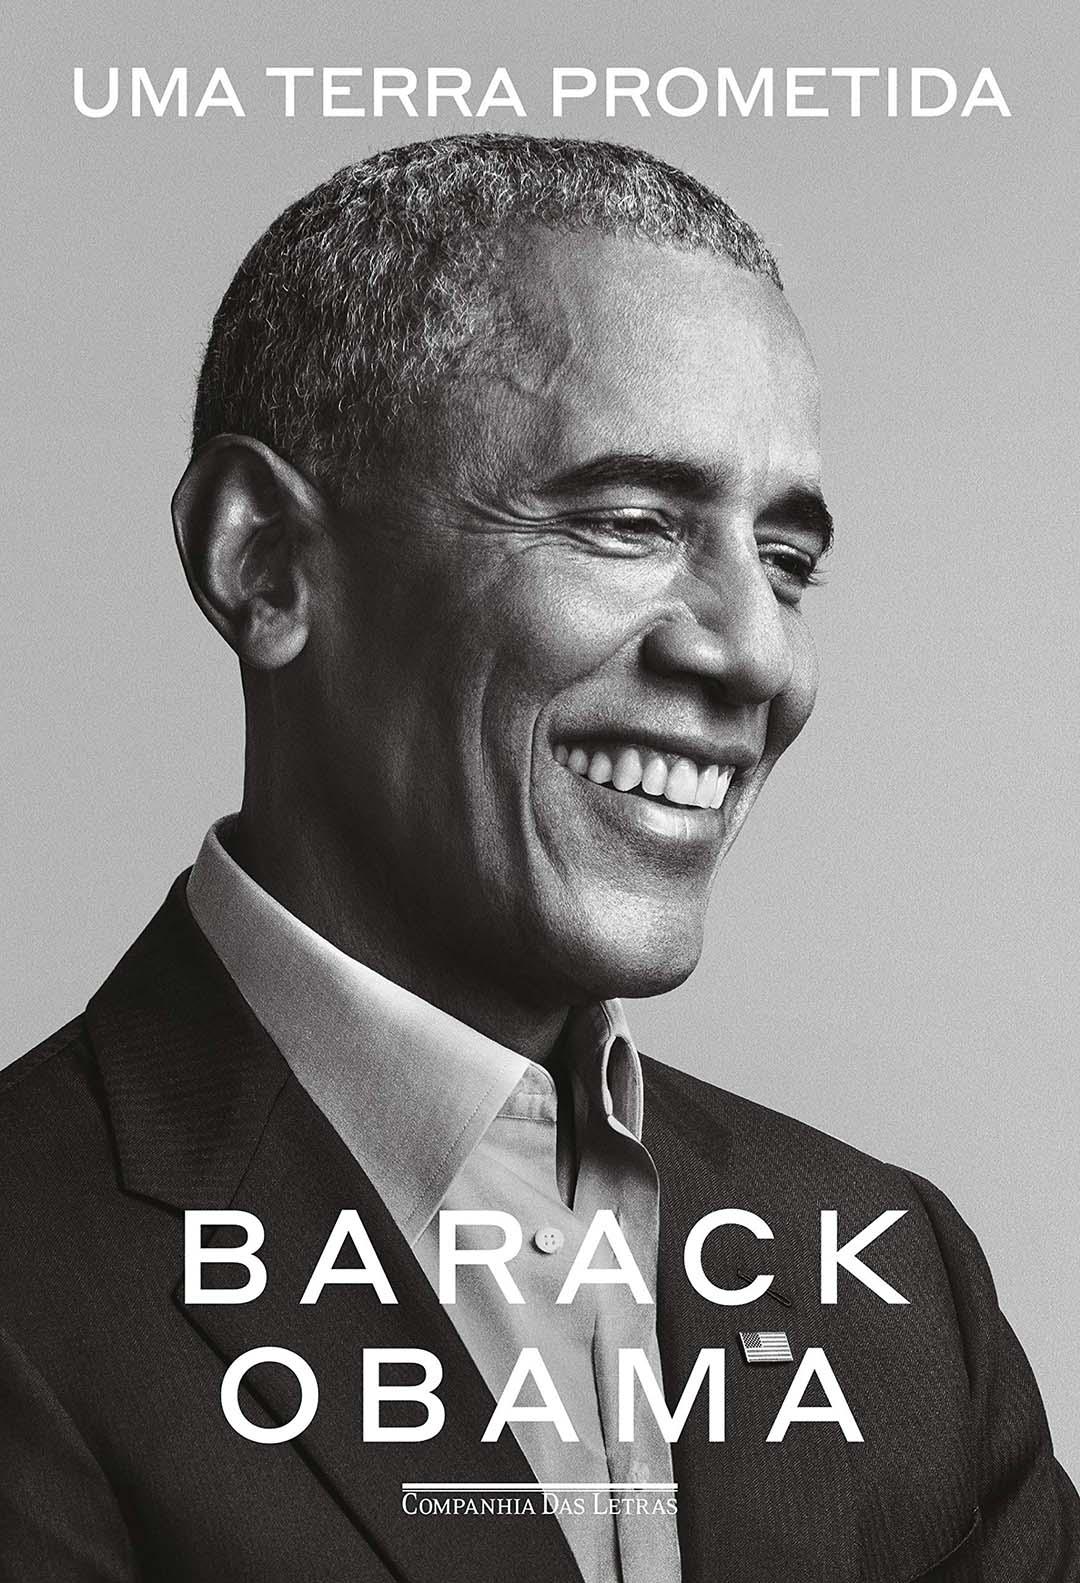 Uma terra prometida - Barack Obama